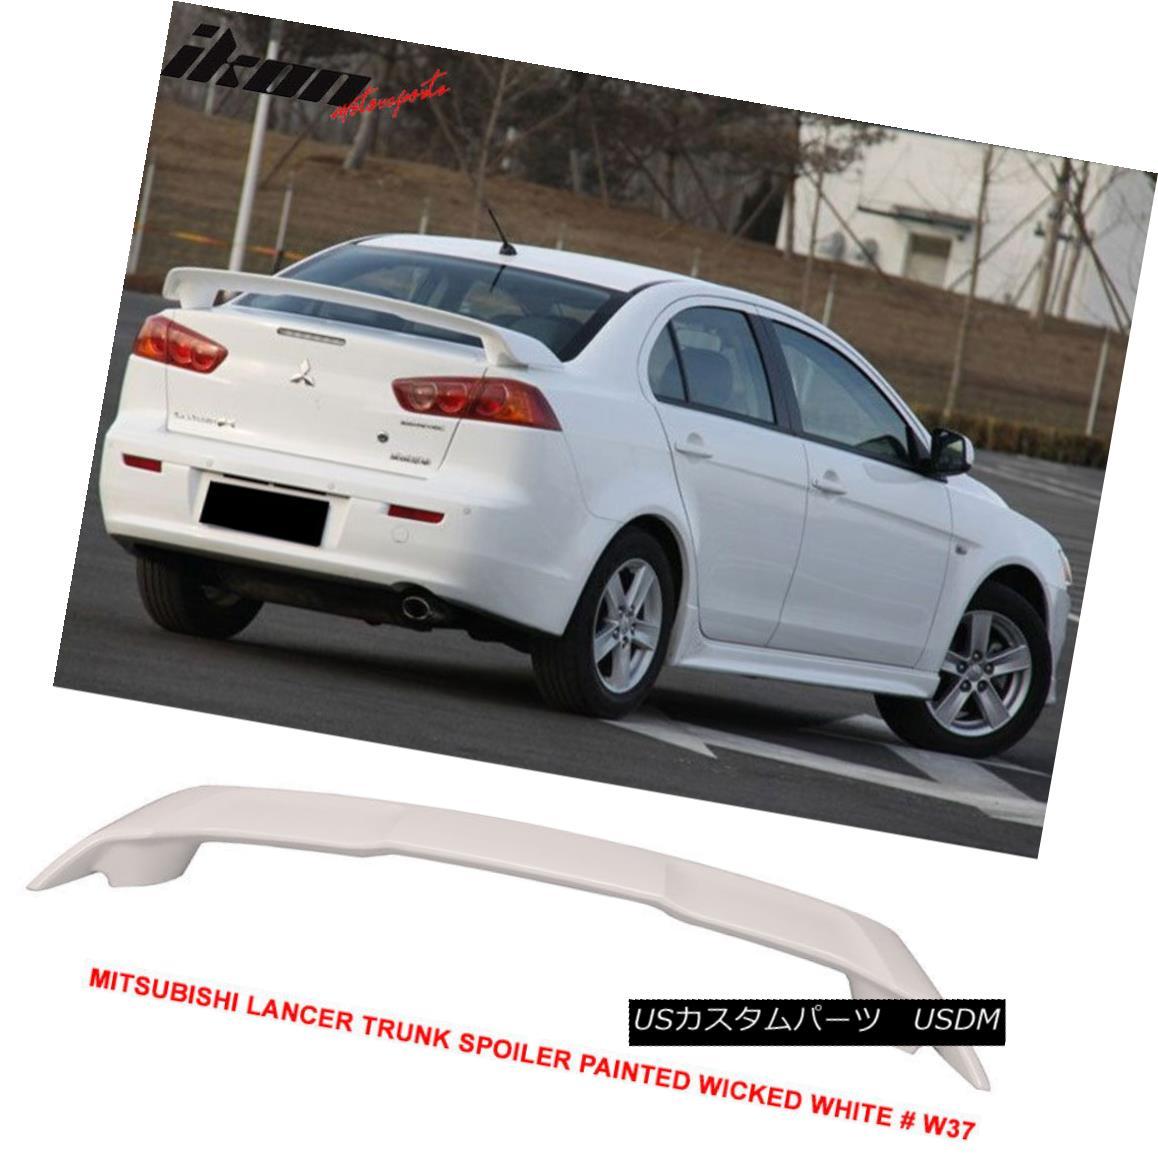 エアロパーツ 08-17 Mitsubishi Lancer OE Trunk Spoiler Painted Wicked White # W37 - ABS 08-17三菱ランサーOEトランクスポイラー塗装ウィッキッドホワイト#W37 - ABS